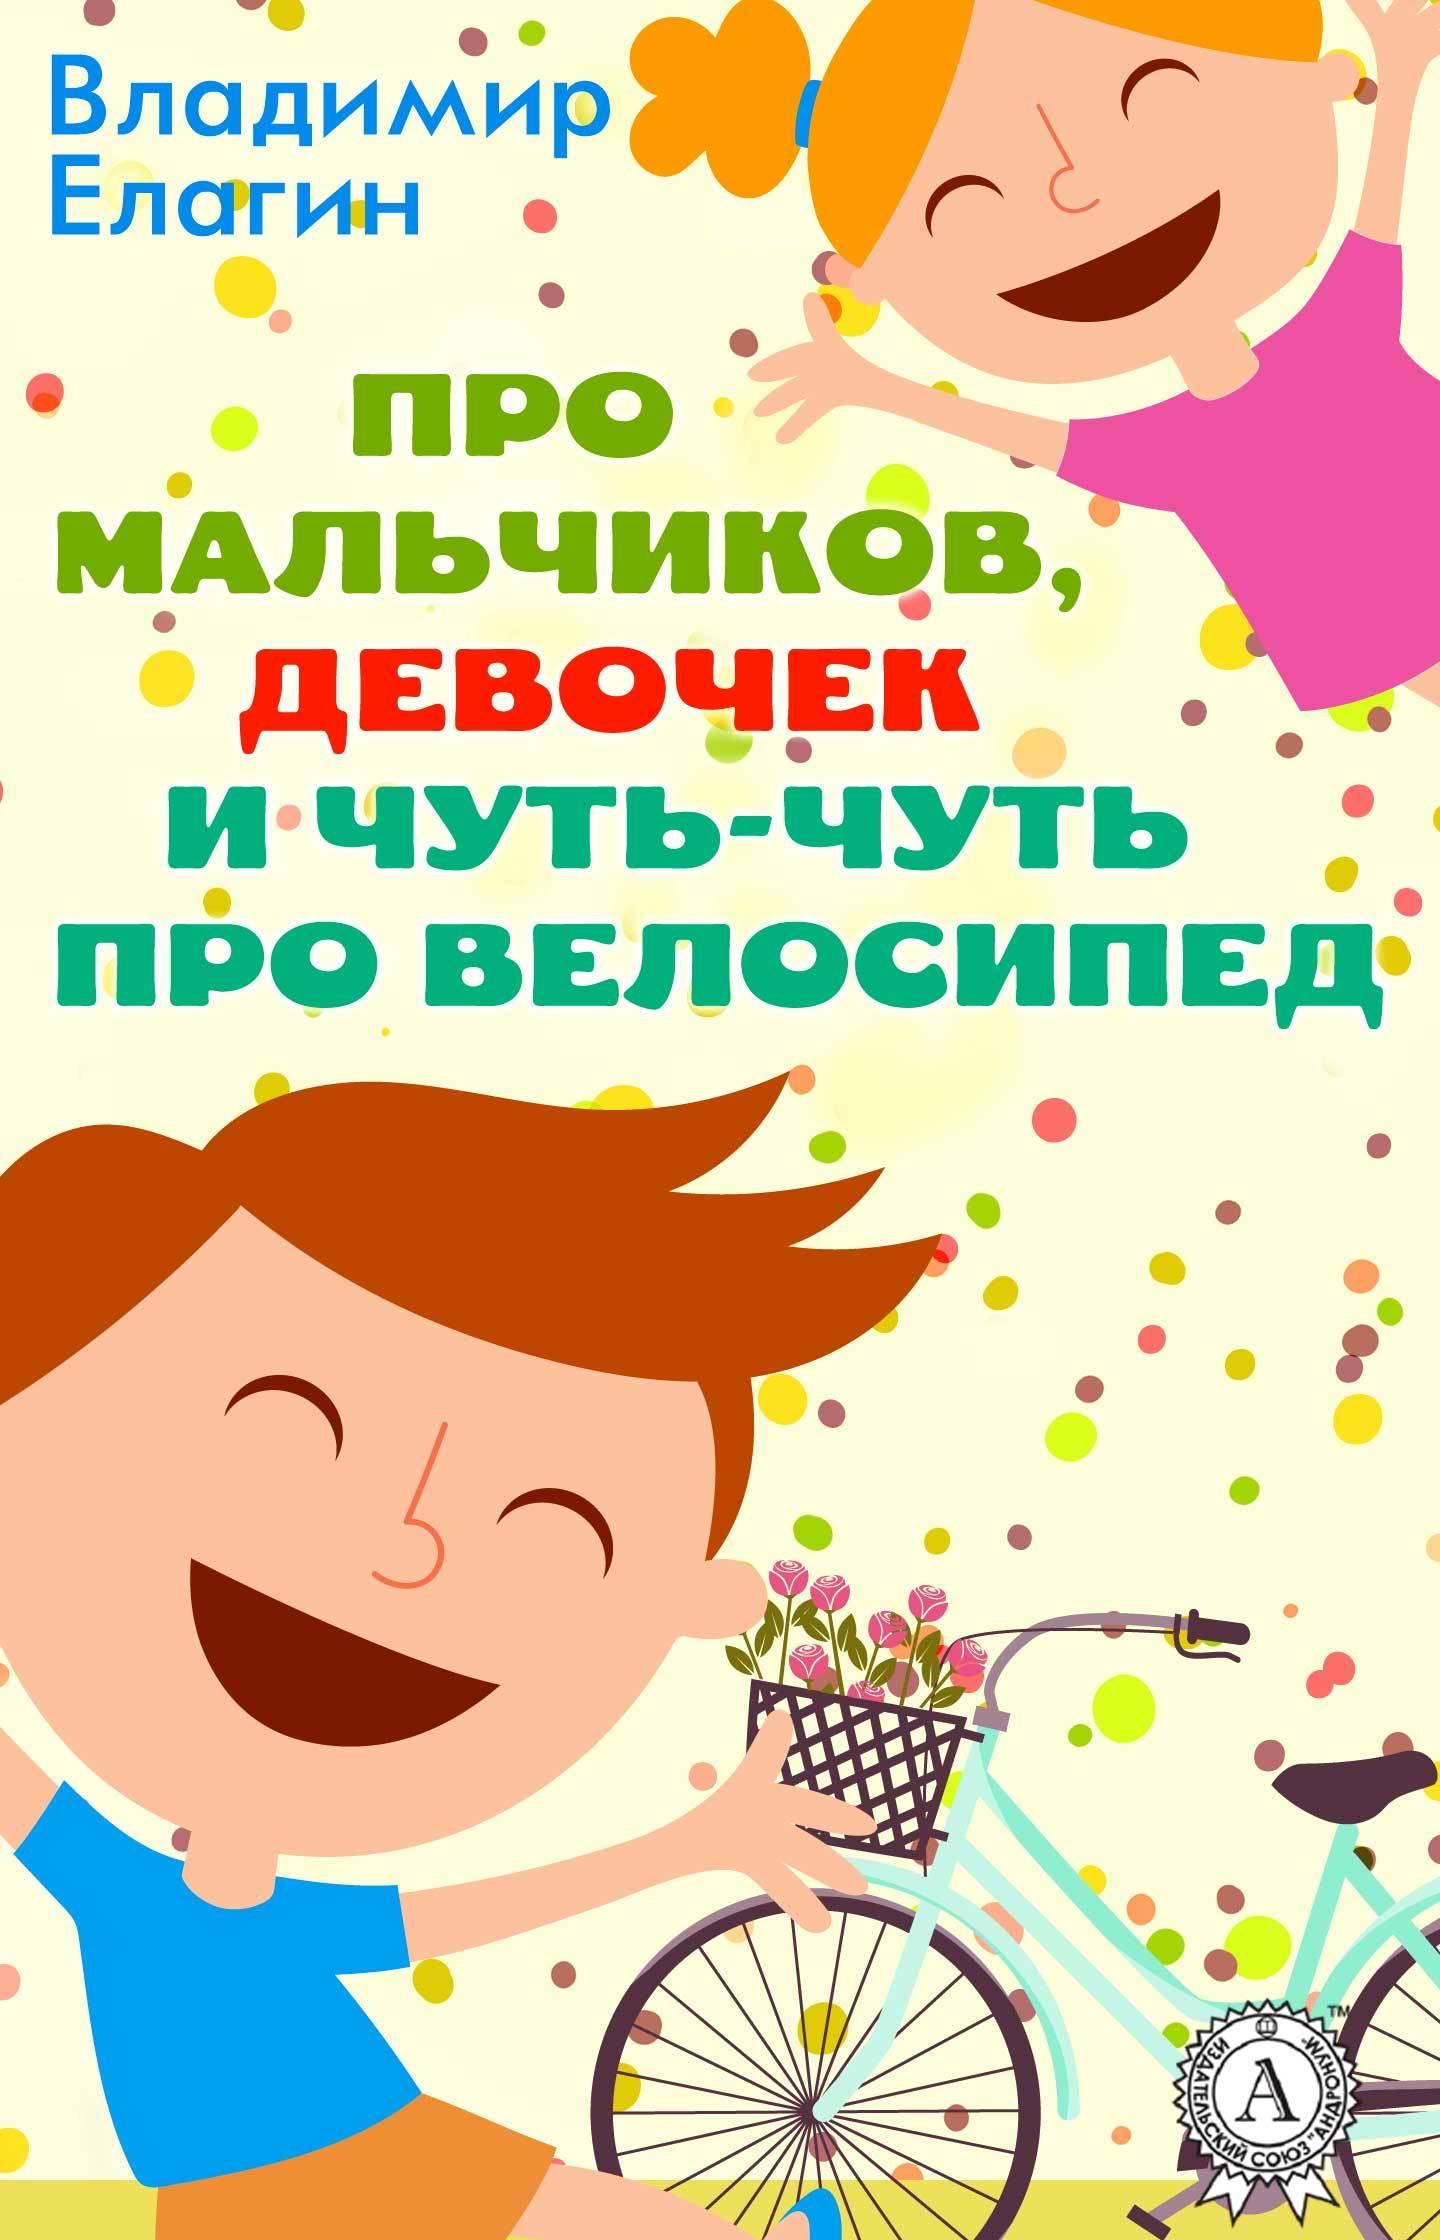 Владимир Елагин бесплатно